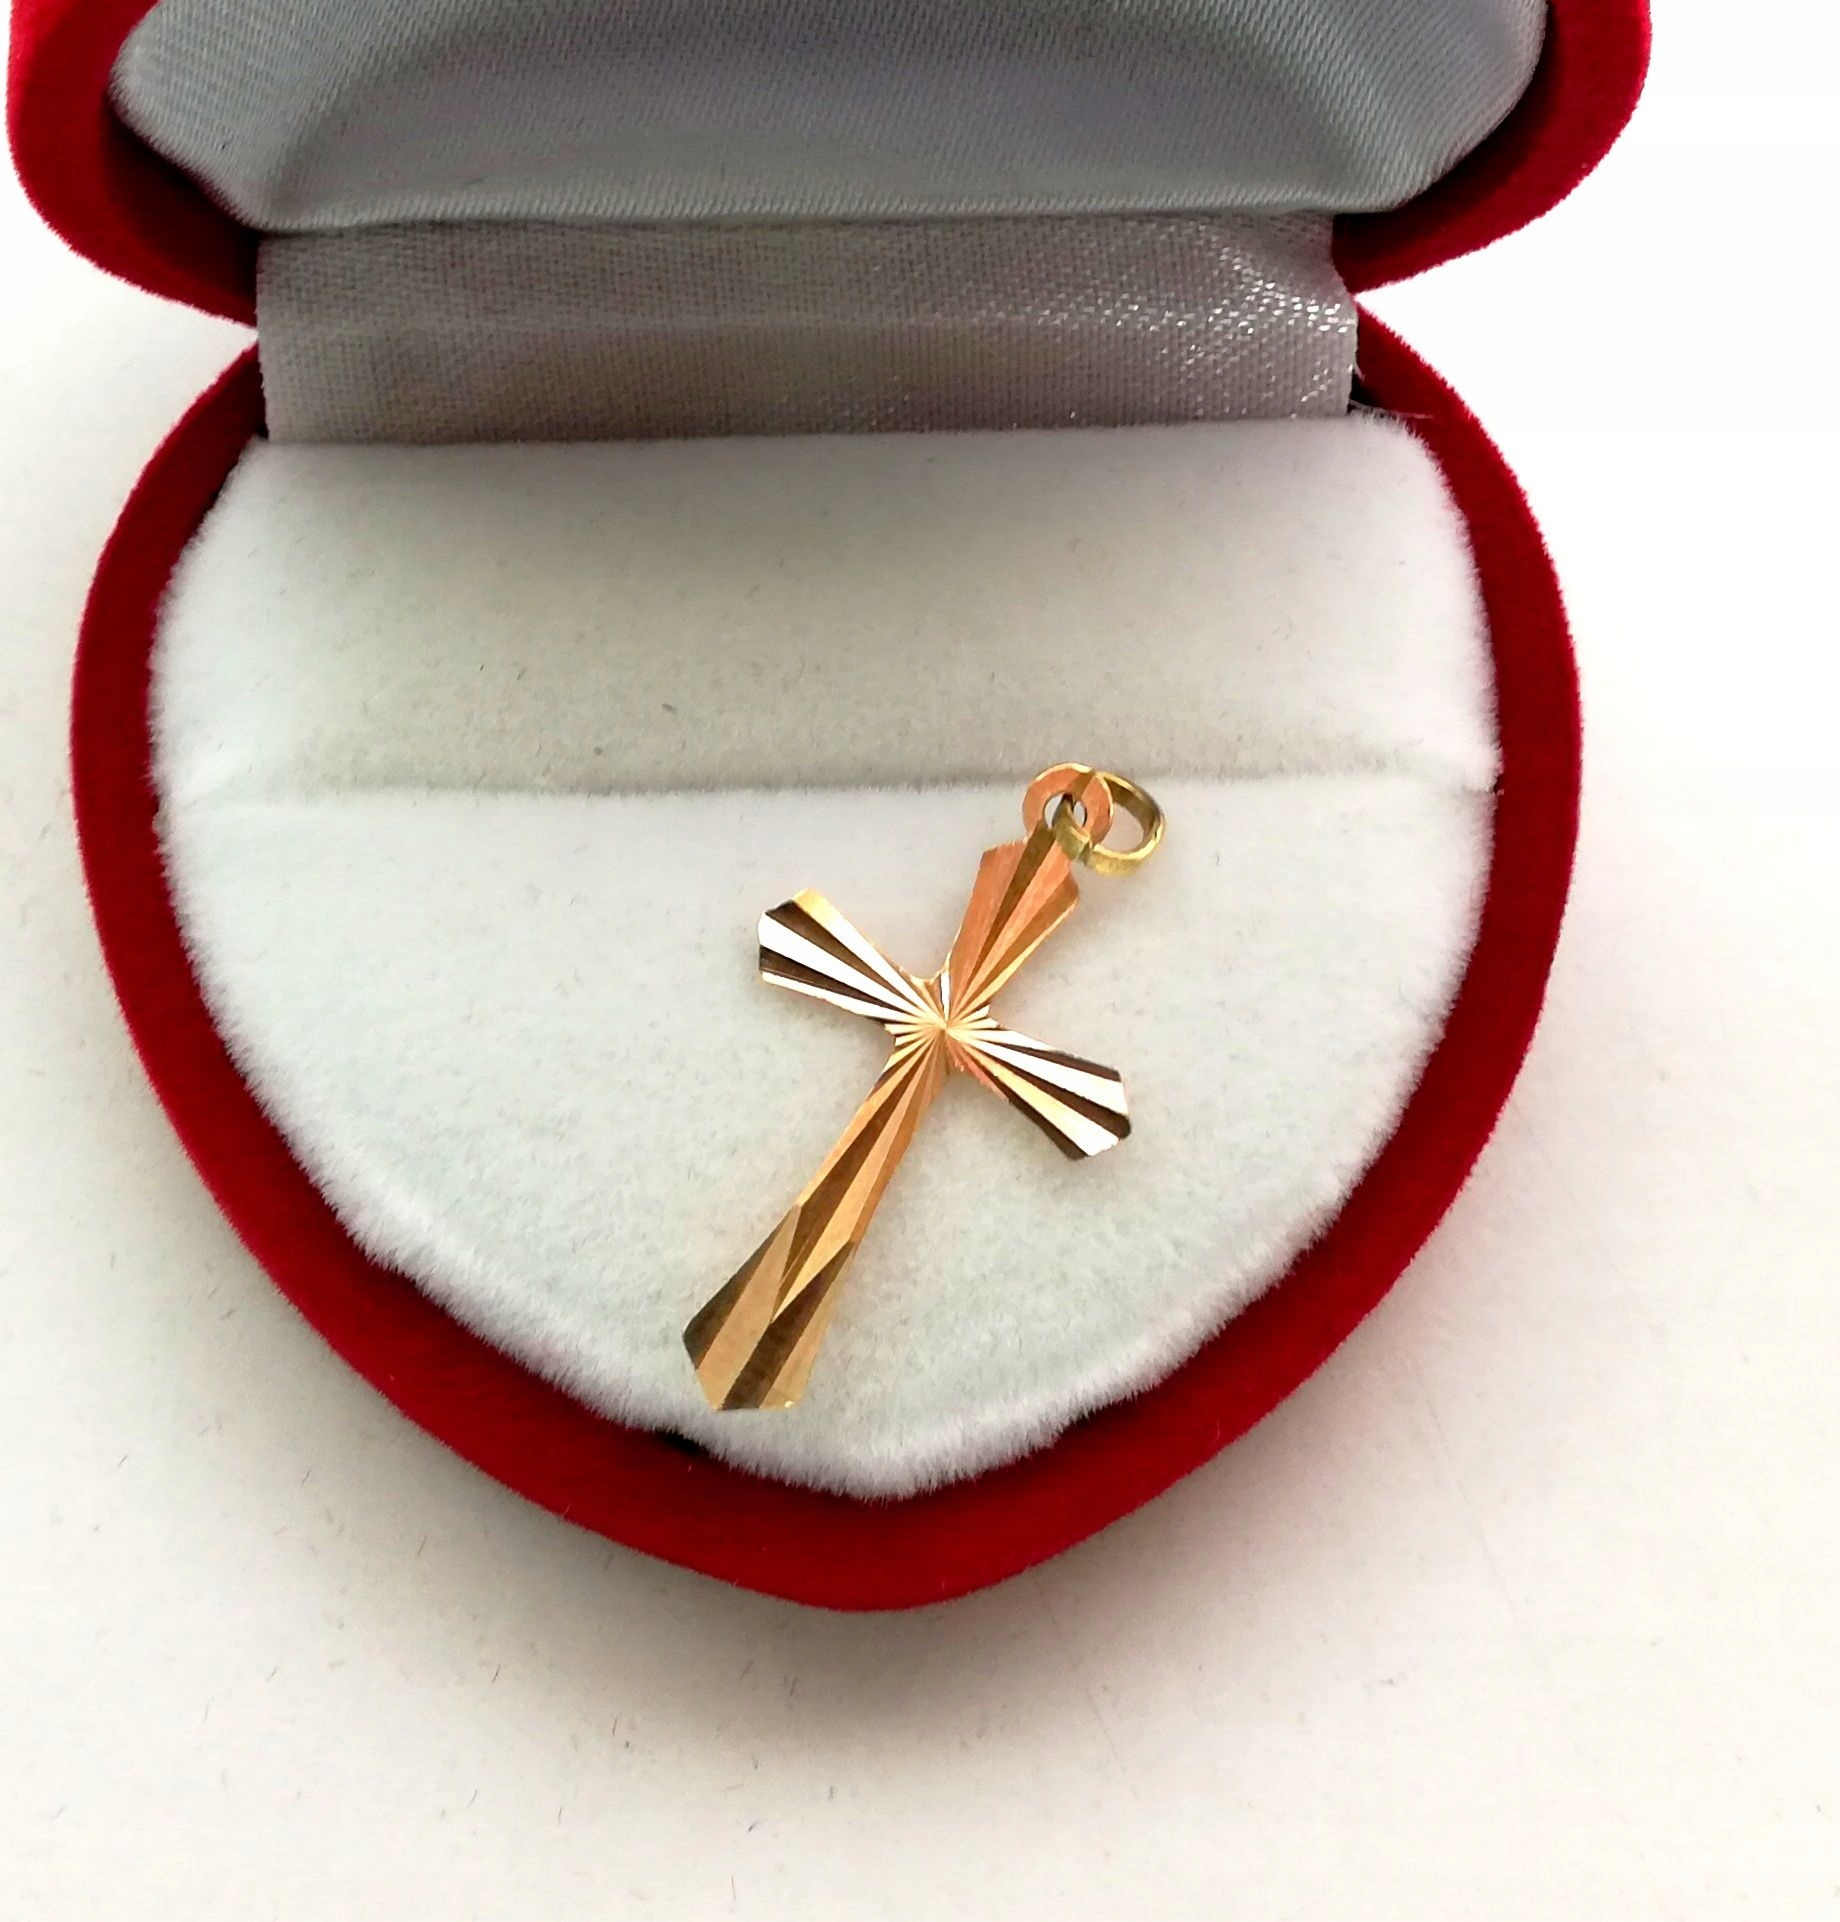 Złoty krzyżyk 14-Karatowy /585/,36g Okazja!